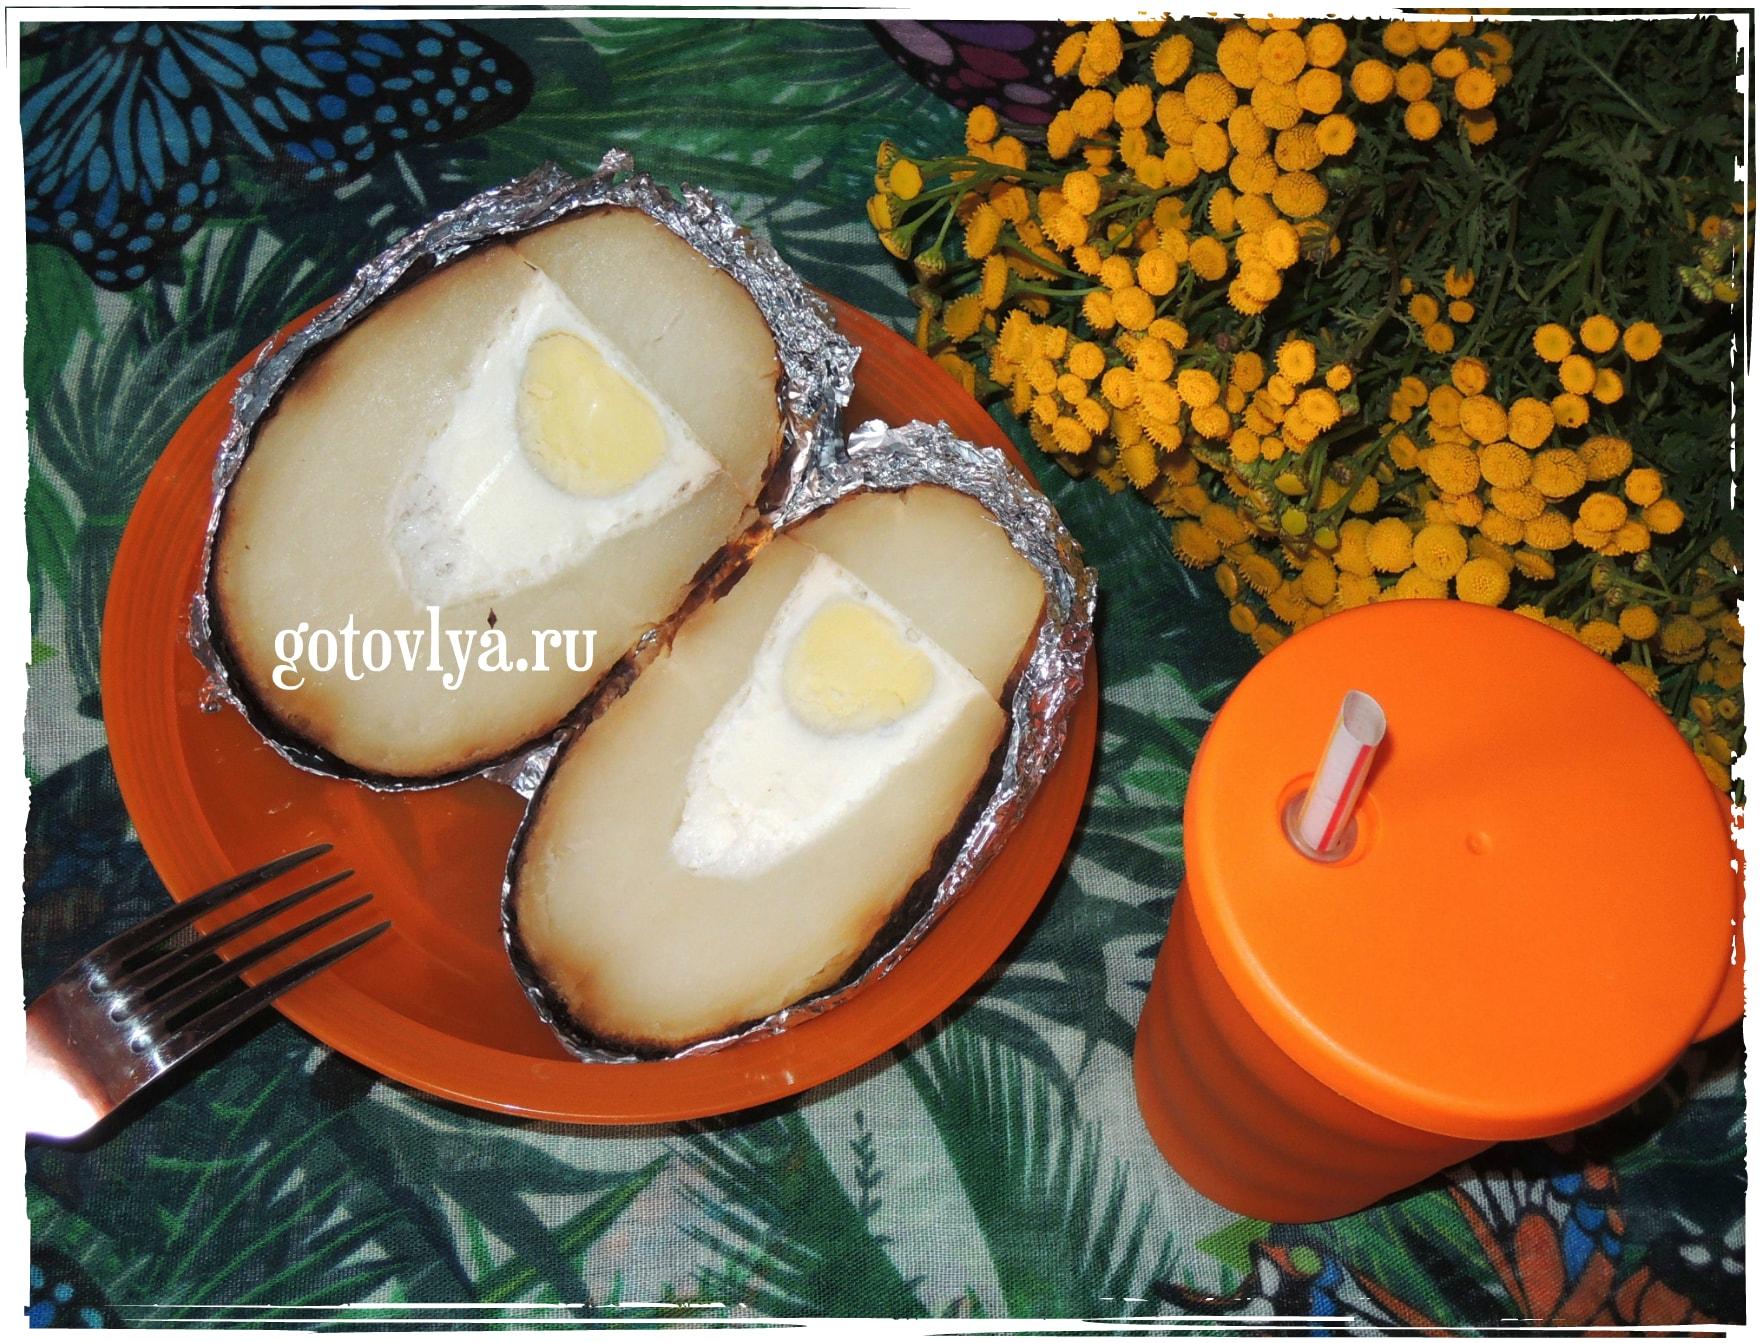 Картофель запеченный с яйцом на углях